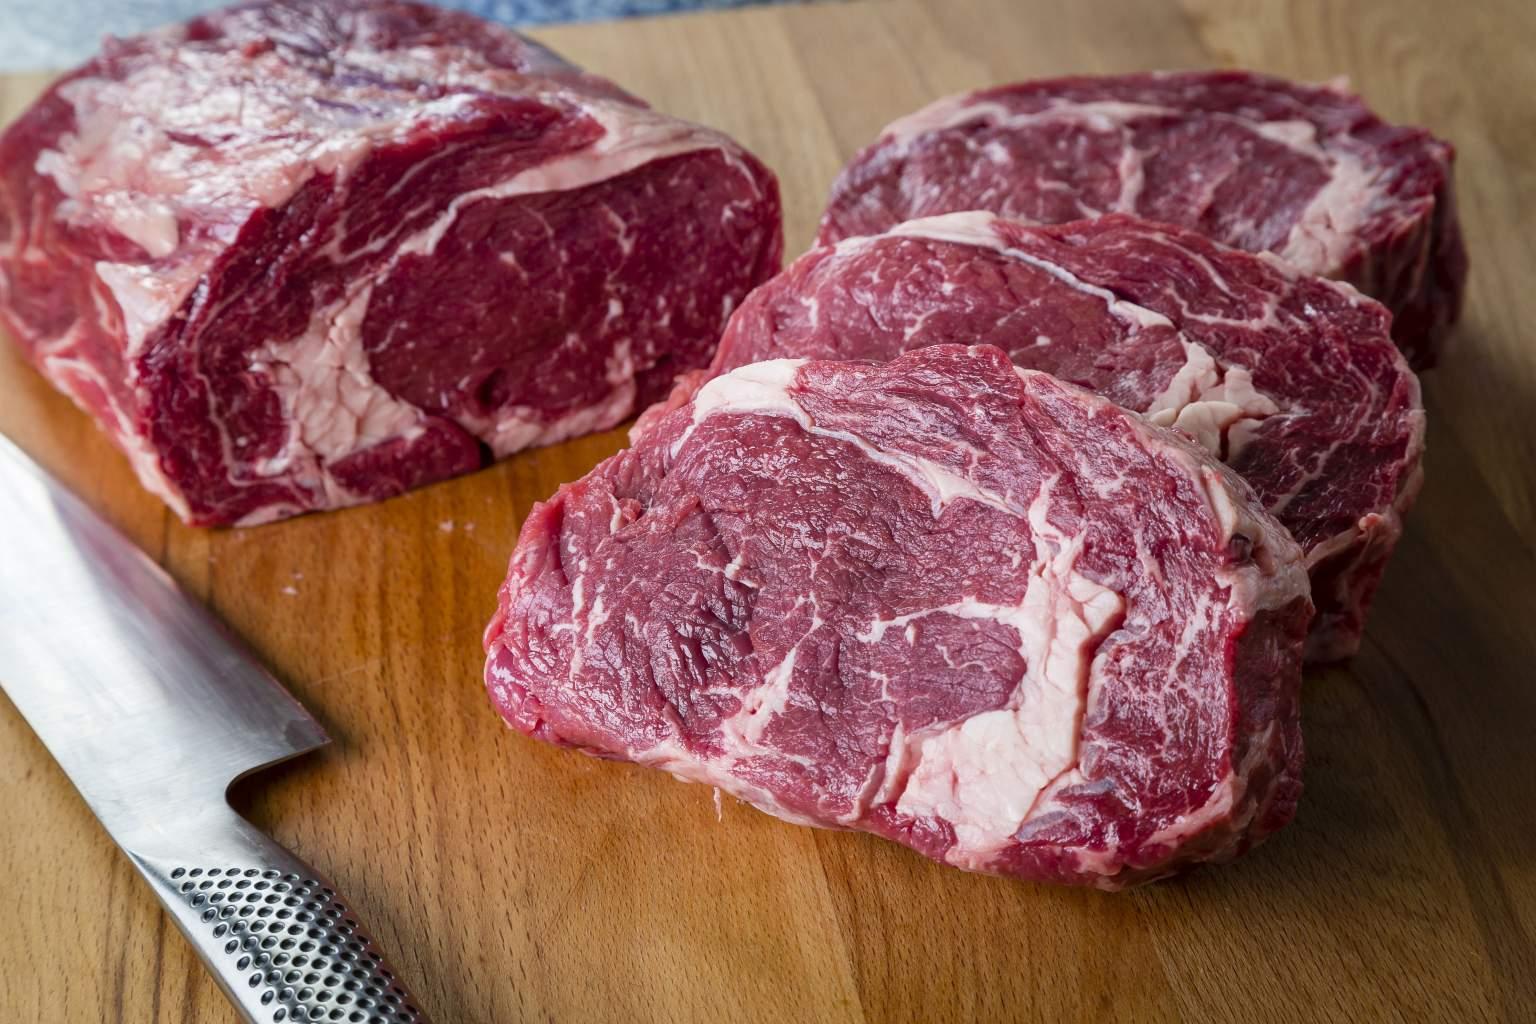 La viande et tous les produits proposés par le restaurant Le Vieux Marché font l'objet de vérifications rigoureuses afin de vous apporter entière satisfaction.  Contrôlée dès son origine par notre réseau de confiance, la matière première est sélectionnée avec soin, selon un cahier des charges scrupuleux, permettant la réalisation de plats sains et gourmands.Maturées au sein du restaurant Beef & Co, les viandes sont conservées dans une cave à viande. Une conservation idéale pour proposer des viandes de qualité, toujours aussi savoureuses et goûteuses. Ce processus permet également de garantir cette tendreté et ce goût si particulier.